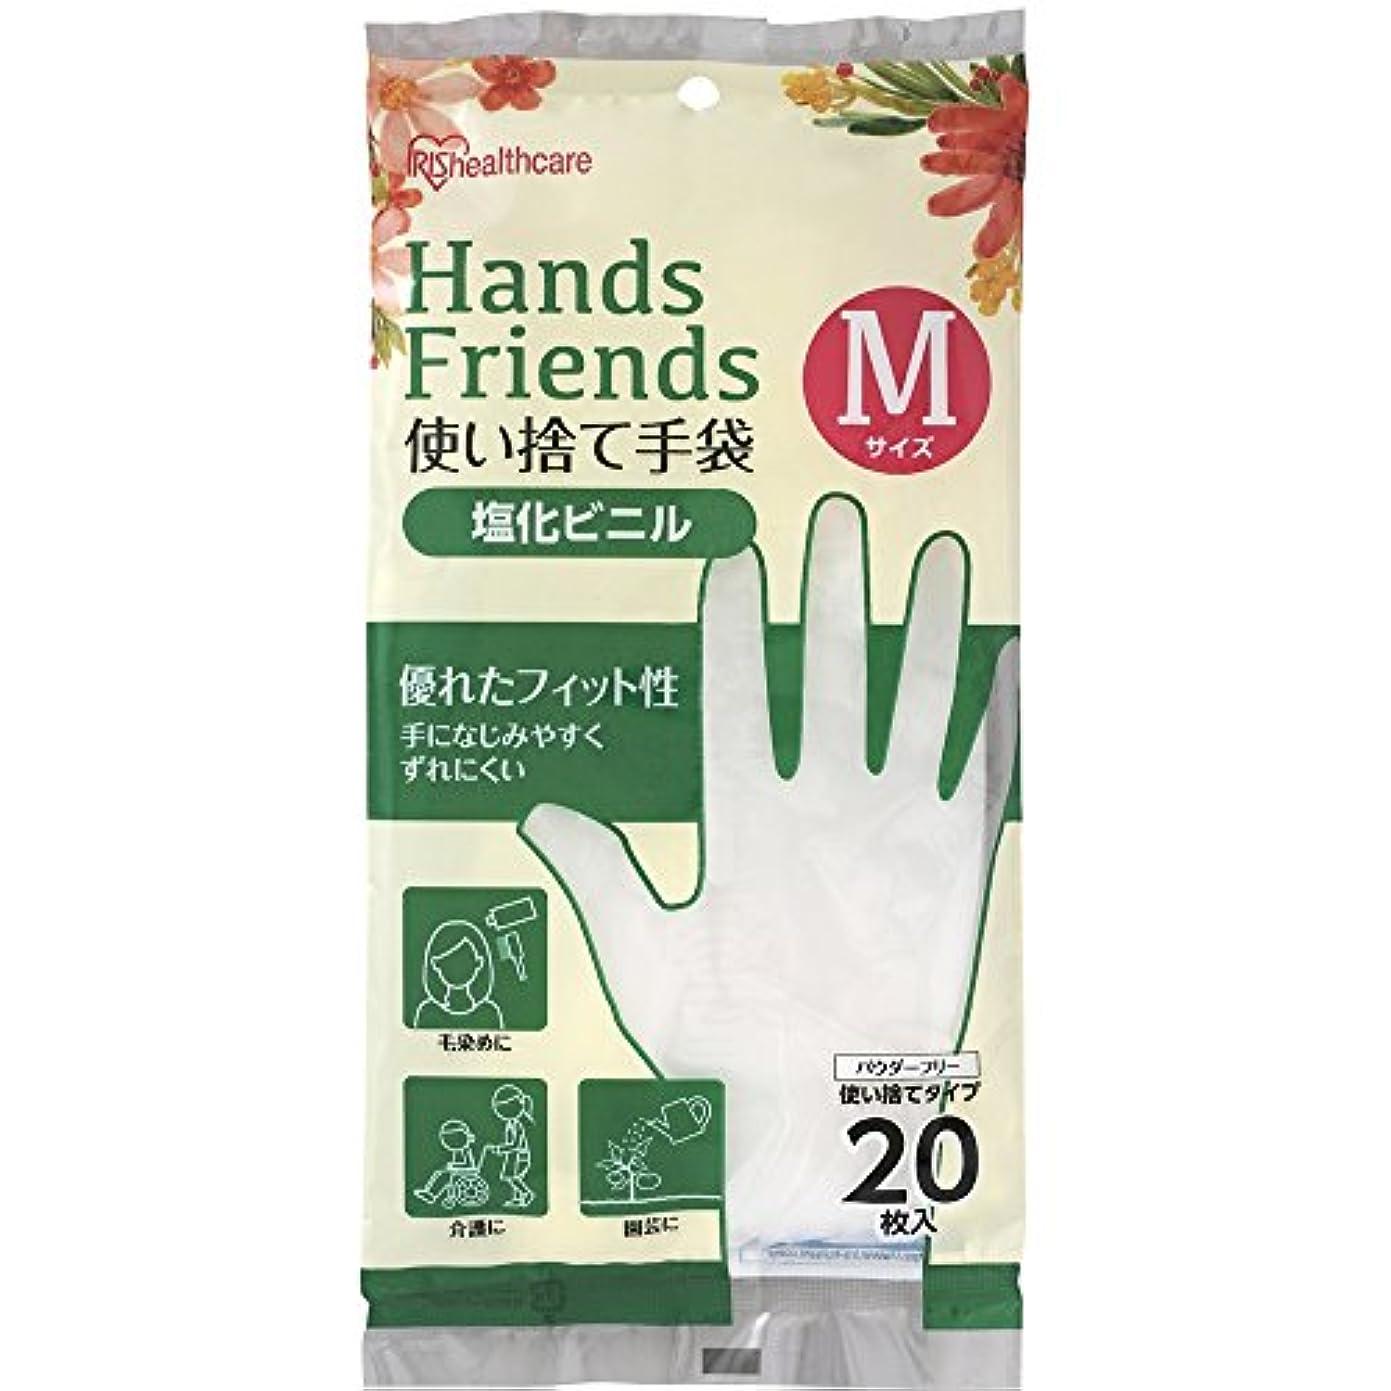 土曜日区別見て使い捨て手袋 クリア 塩化ビニル 20枚 Mサイズ PVC-20M